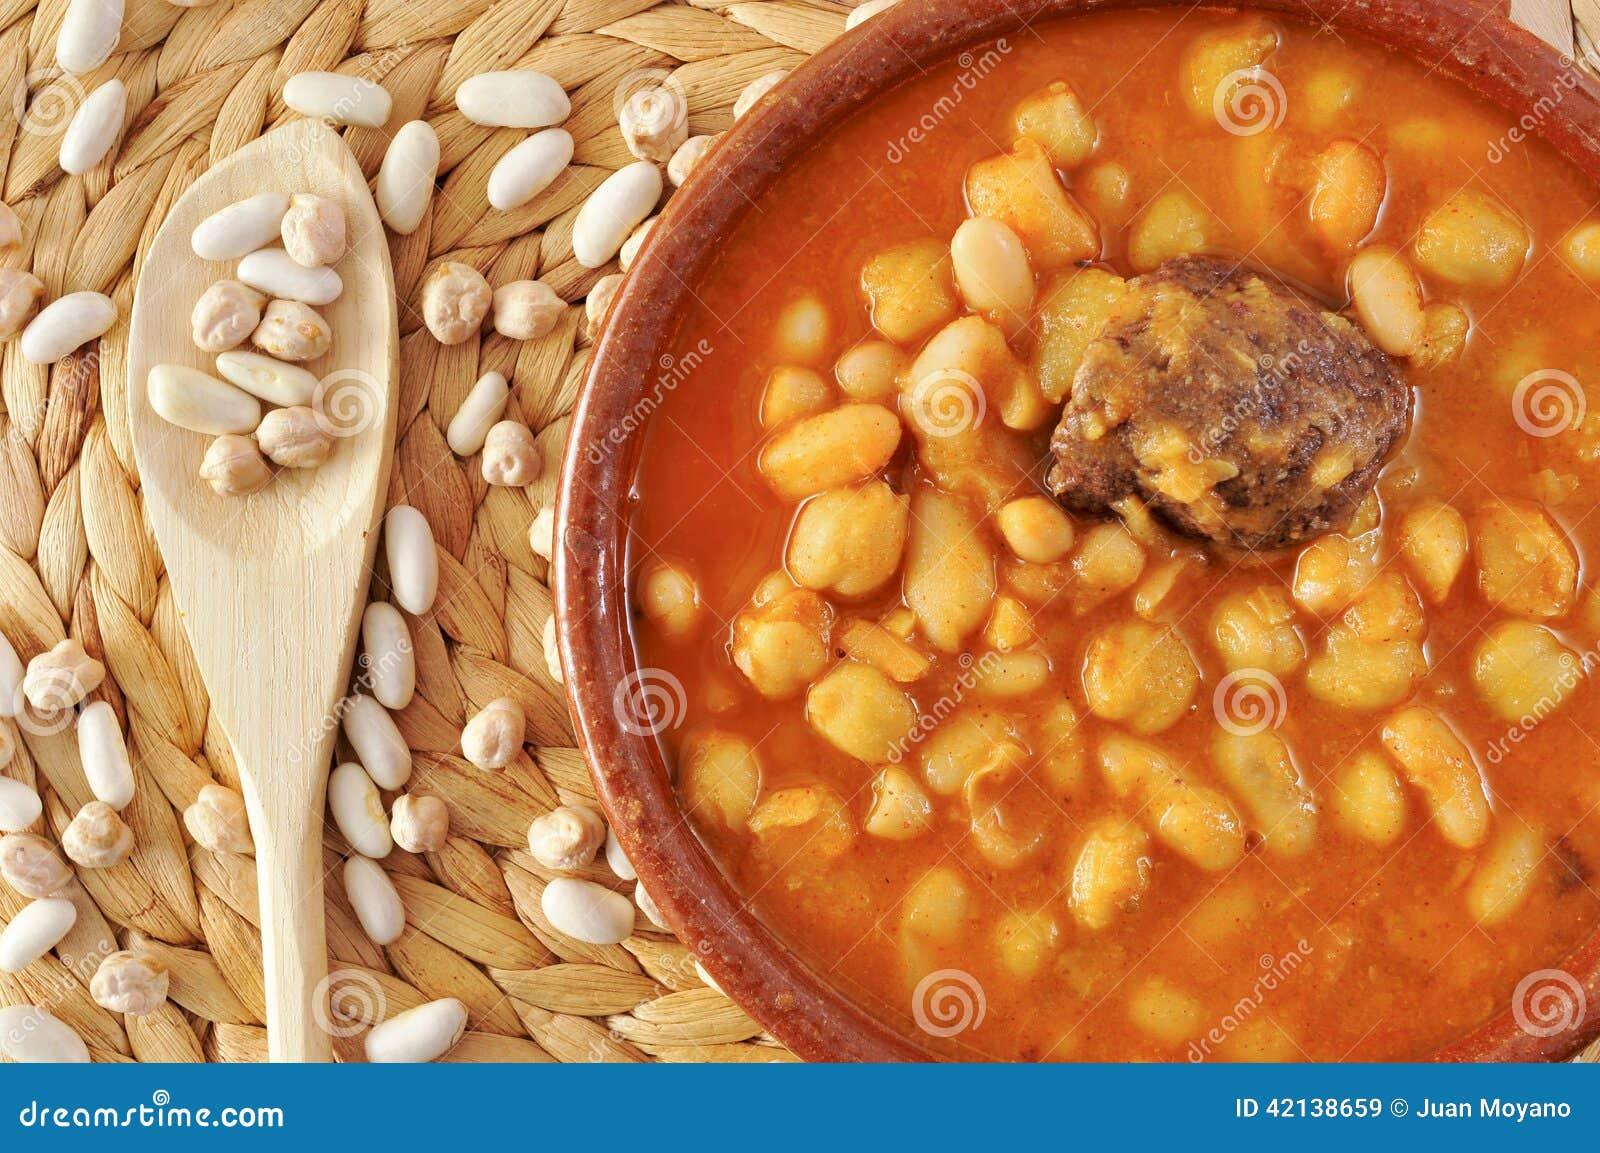 Potaje de judias y garbanzos a traditional spanish legume - Potaje de garbanzos y judias ...